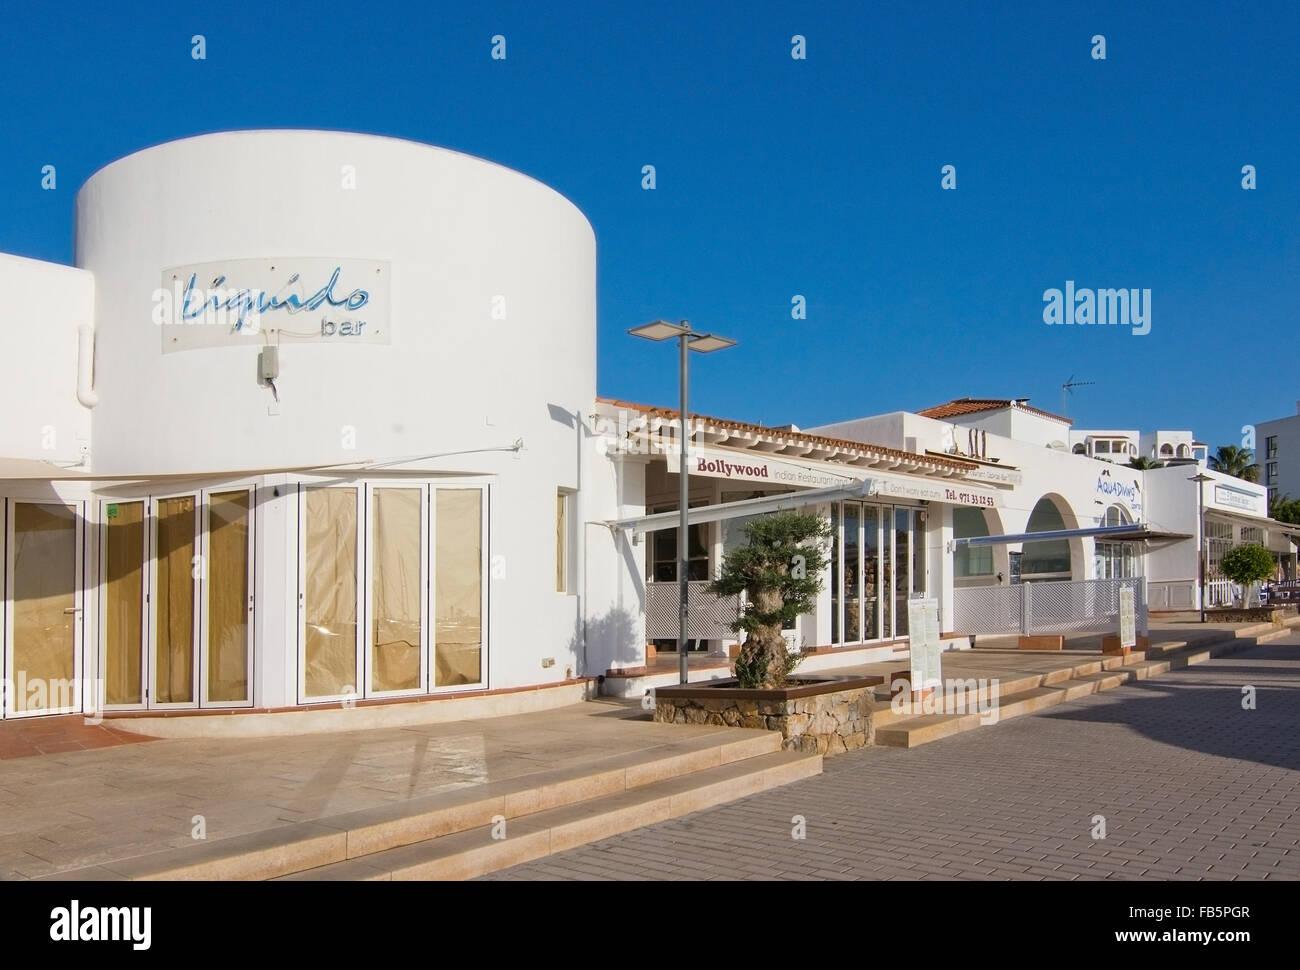 Detalles en el puerto de Santa Eulalia en un día soleado, Ibiza, Islas Baleares, España Imagen De Stock